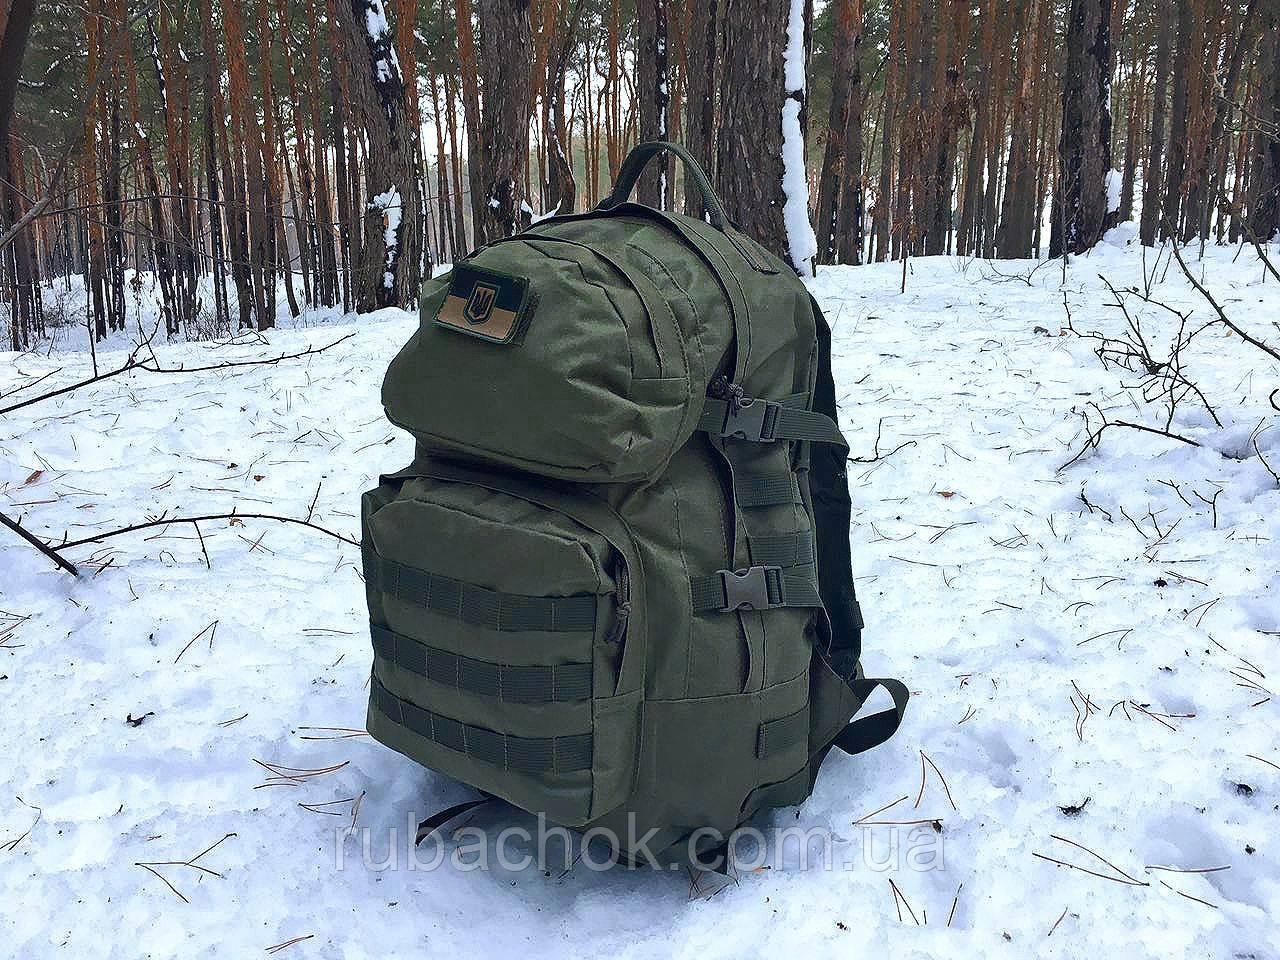 Тактический походный крепкий рюкзак 40 литров афган. Нейлон 600 Den.